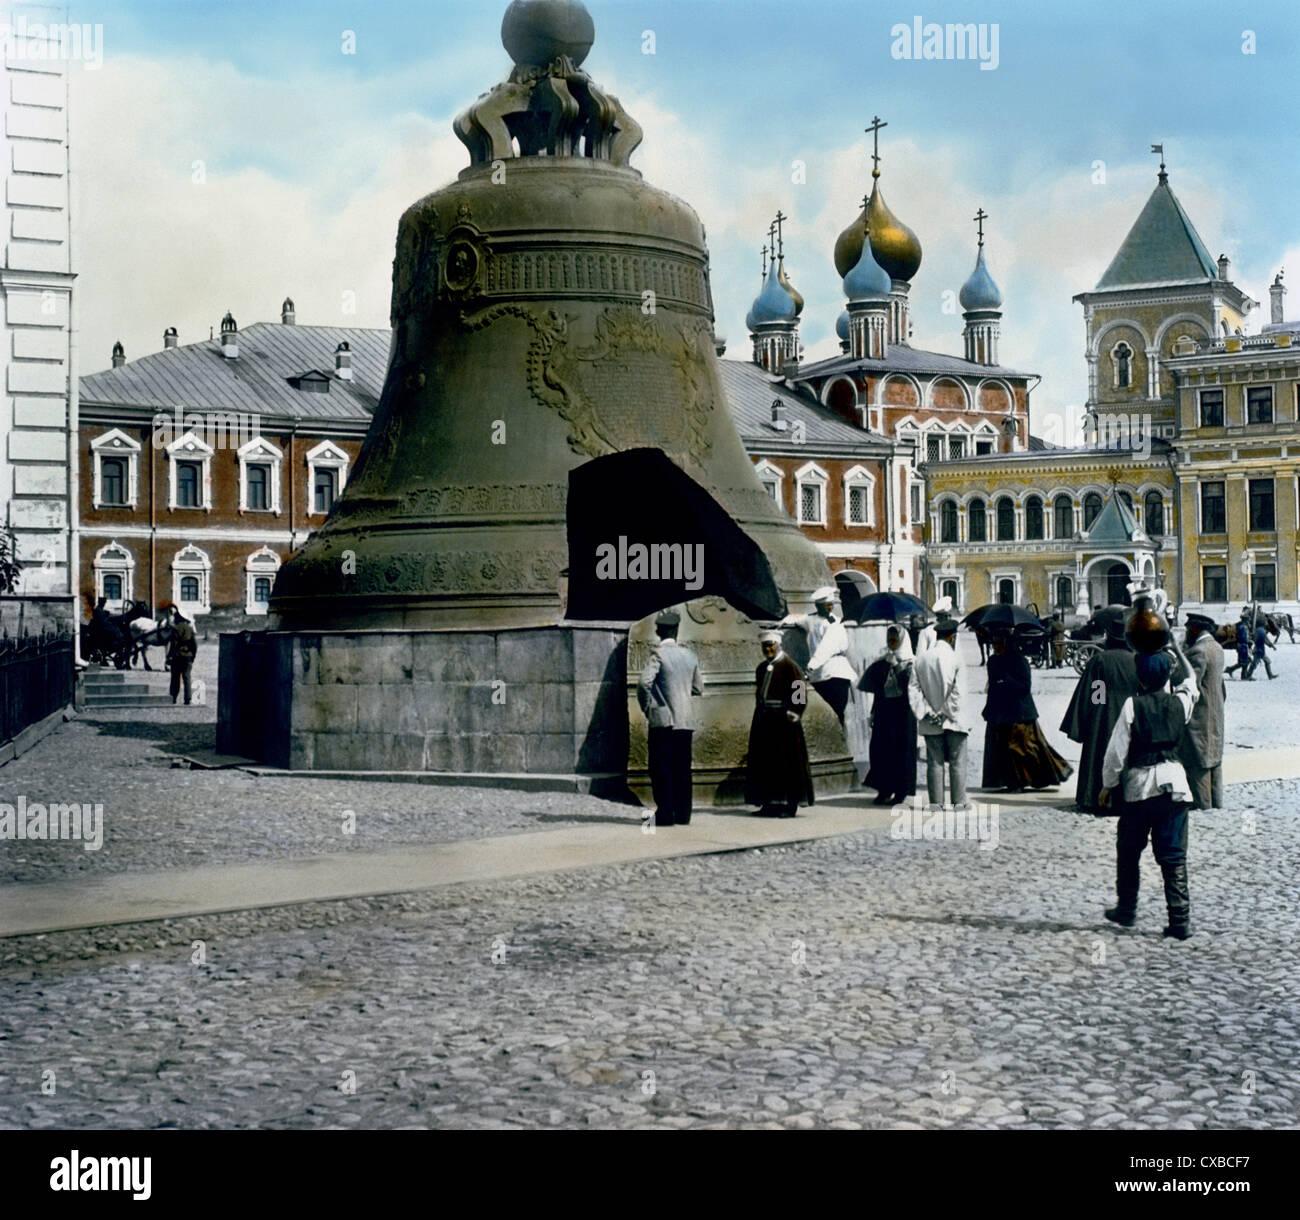 La cloche du Tsar, le Kremlin, Moscou, Russie, 1901 Banque D'Images